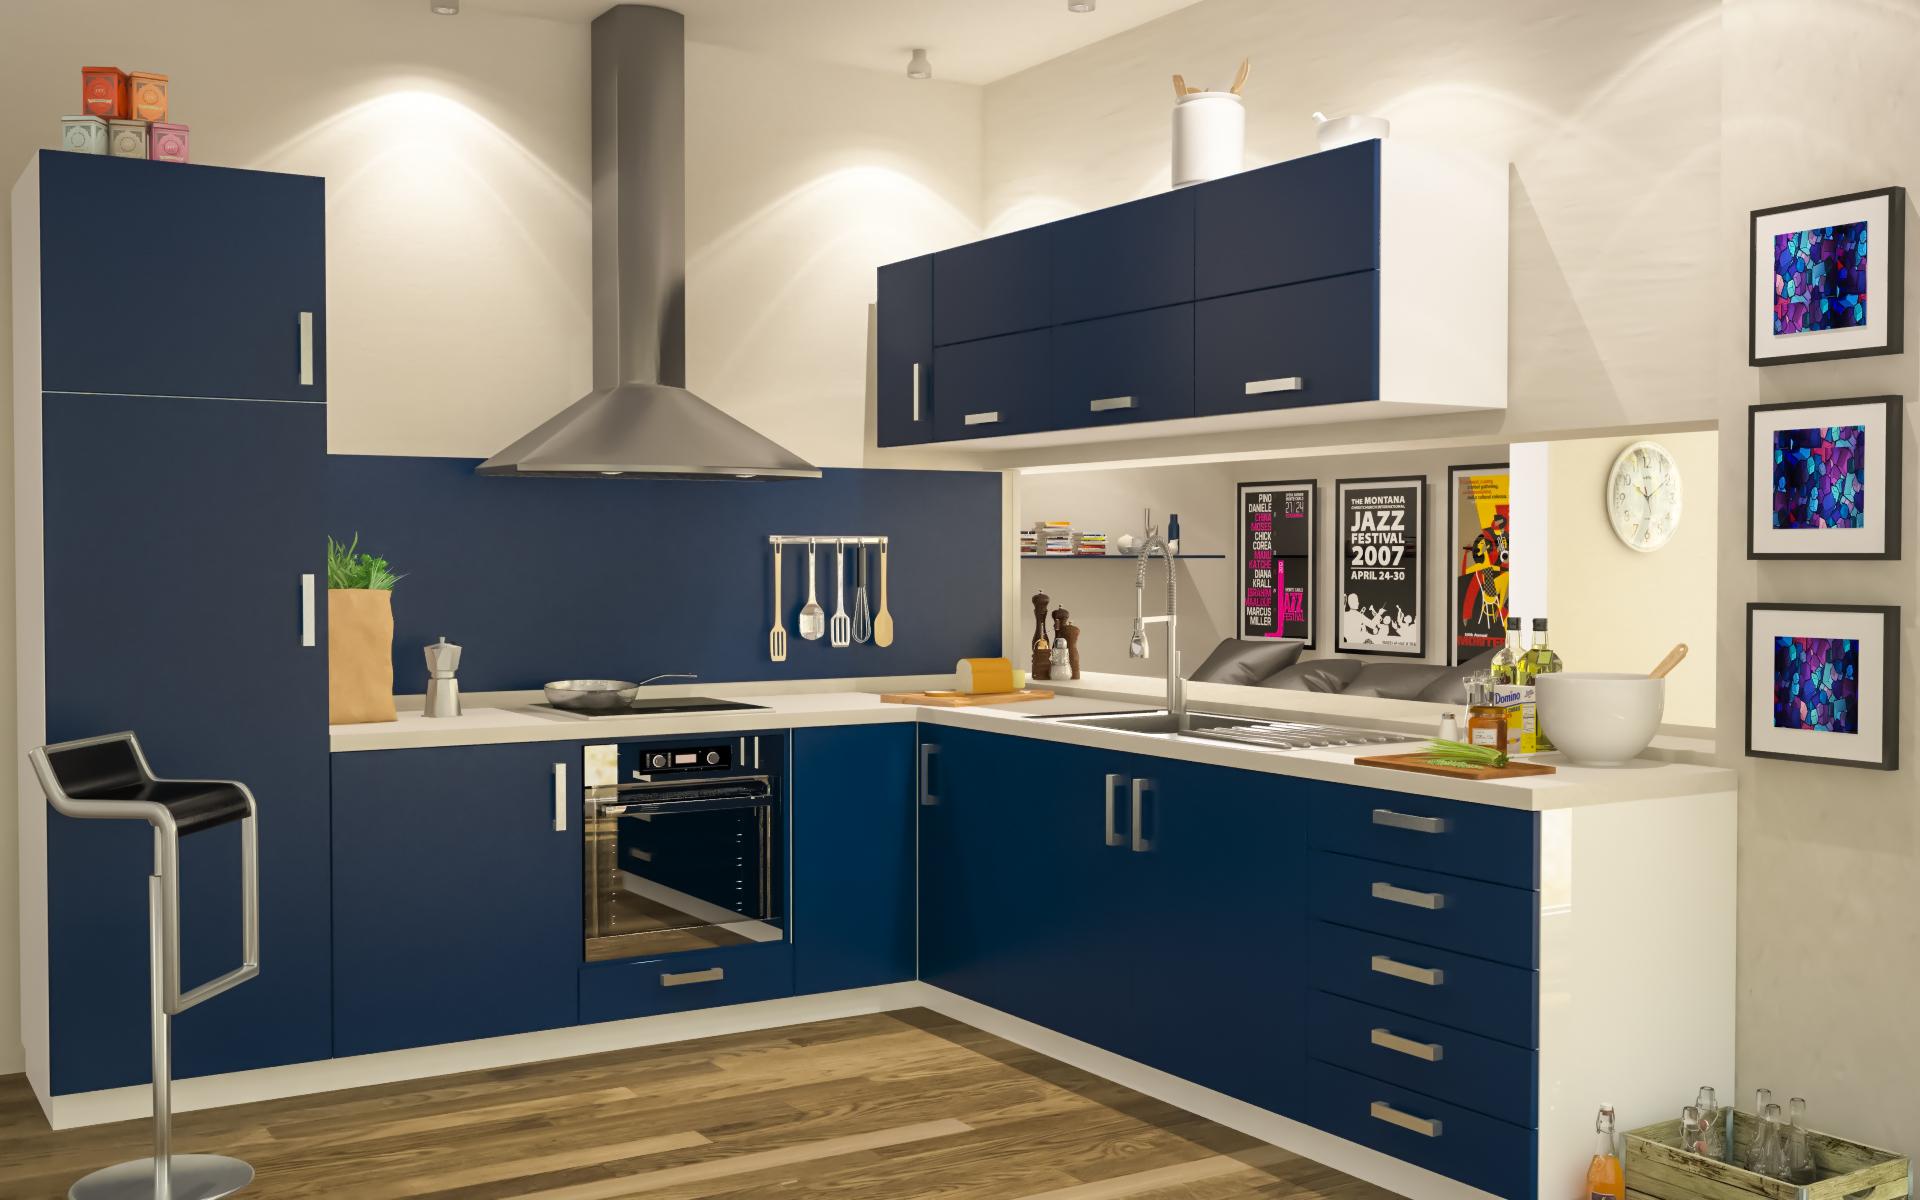 Full Size of Küche Zusammenstellen Ikea Küche Zusammenstellen Küche Zusammenstellen Online Outdoor Küche Zusammenstellen Küche Küche Zusammenstellen